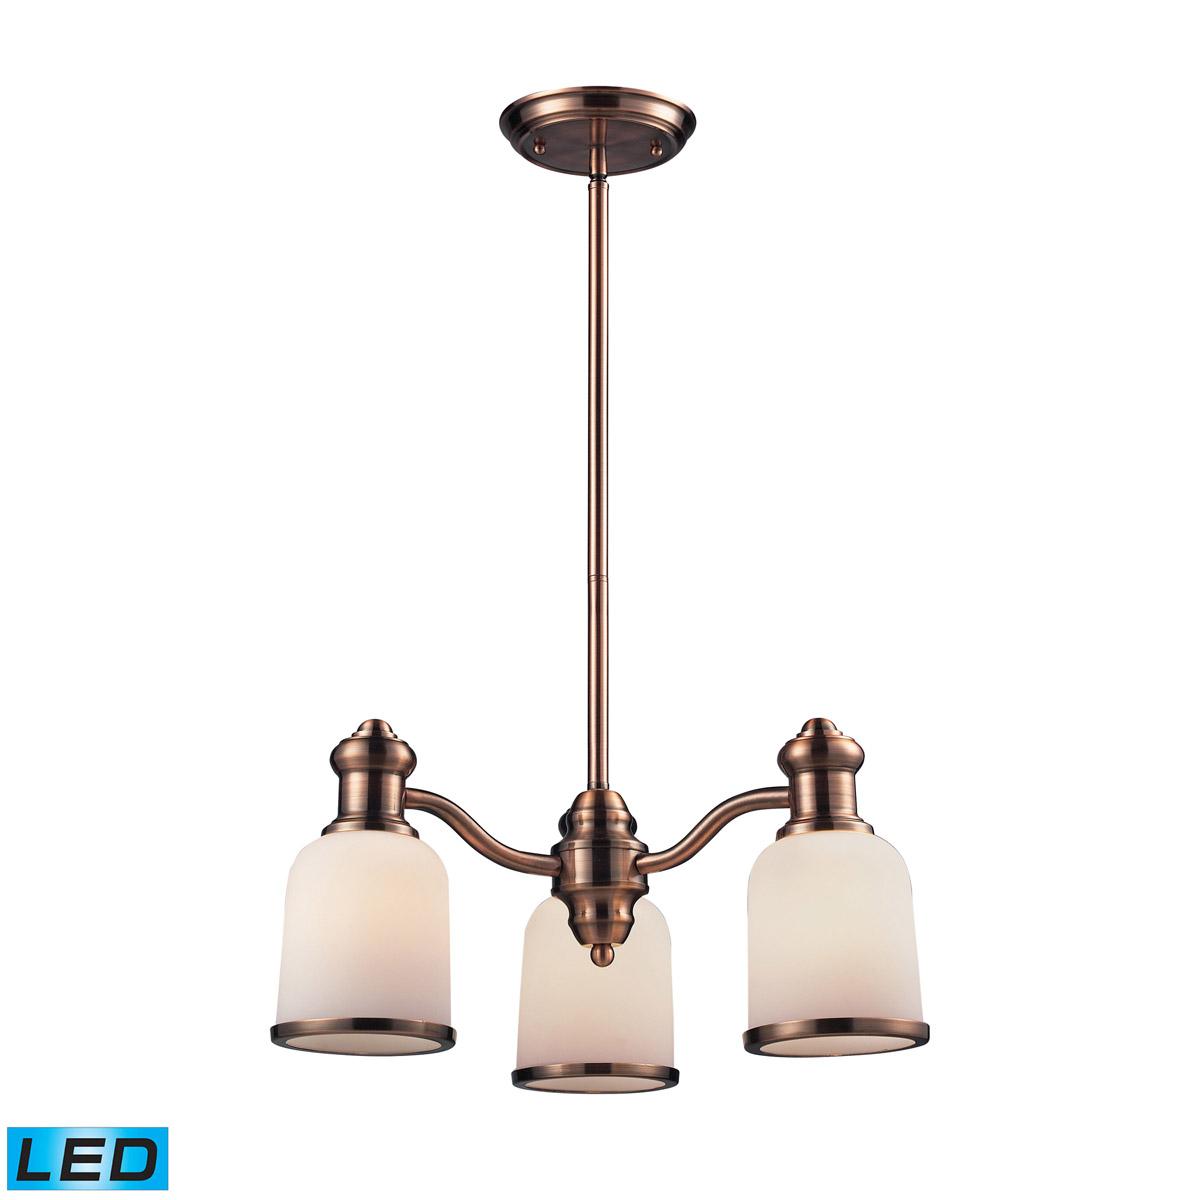 Elk Lighting Brooksdale LED 3-Light Chandelier in Antique Copper